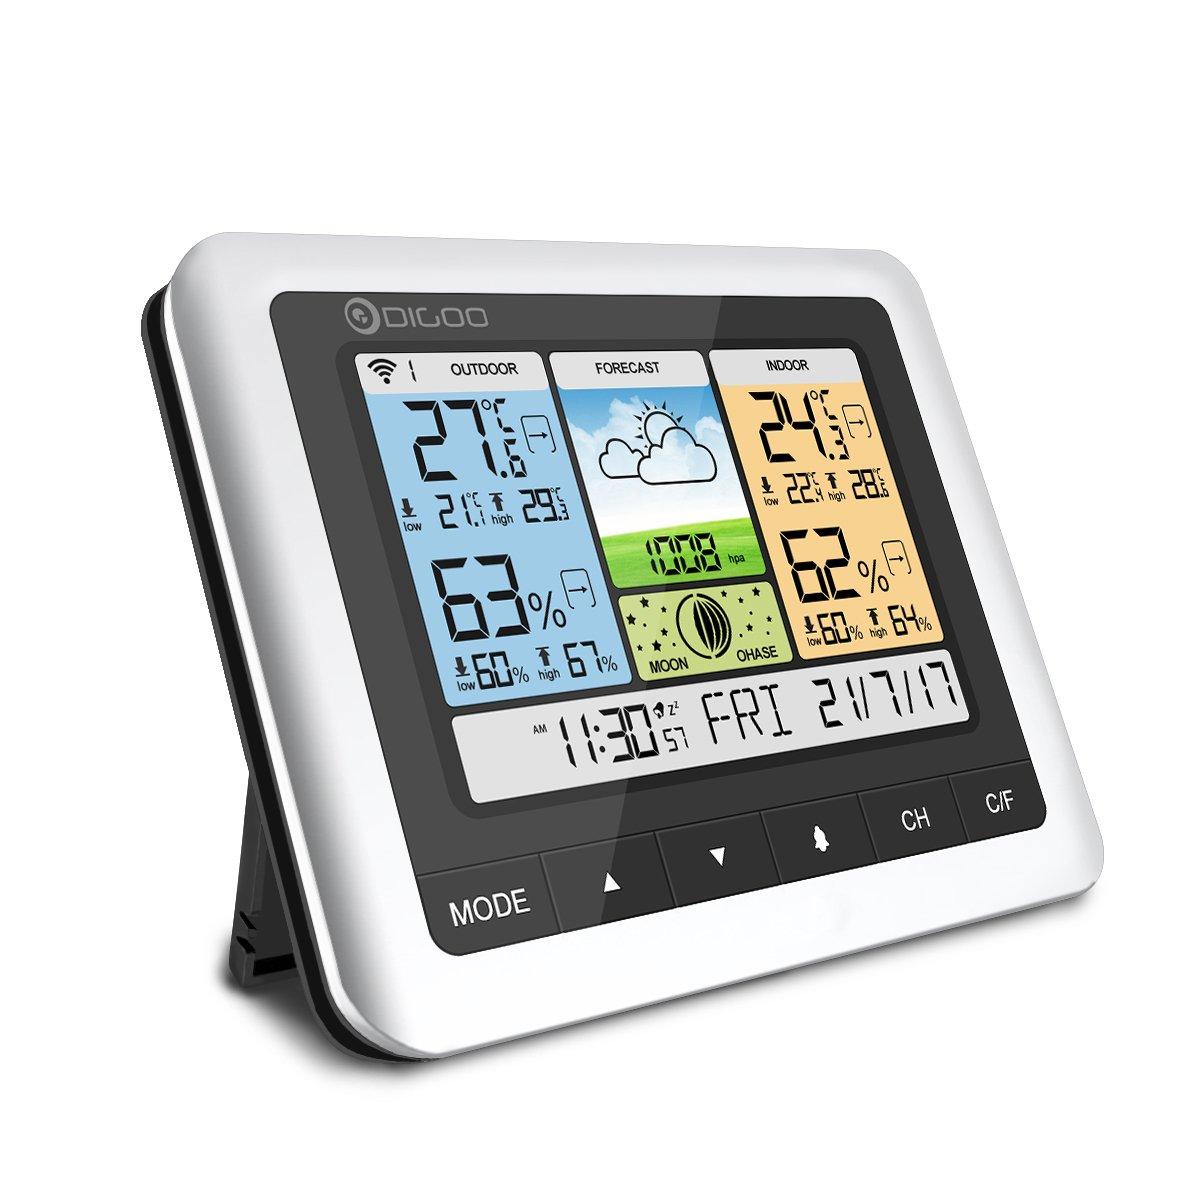 温湿度計 DIGOO 気象計 ワイヤレス 天気予報 カラーフル デジタル クリーン 無線 外部センサー 卓上カレンダー スヌーズ アラーム 月相